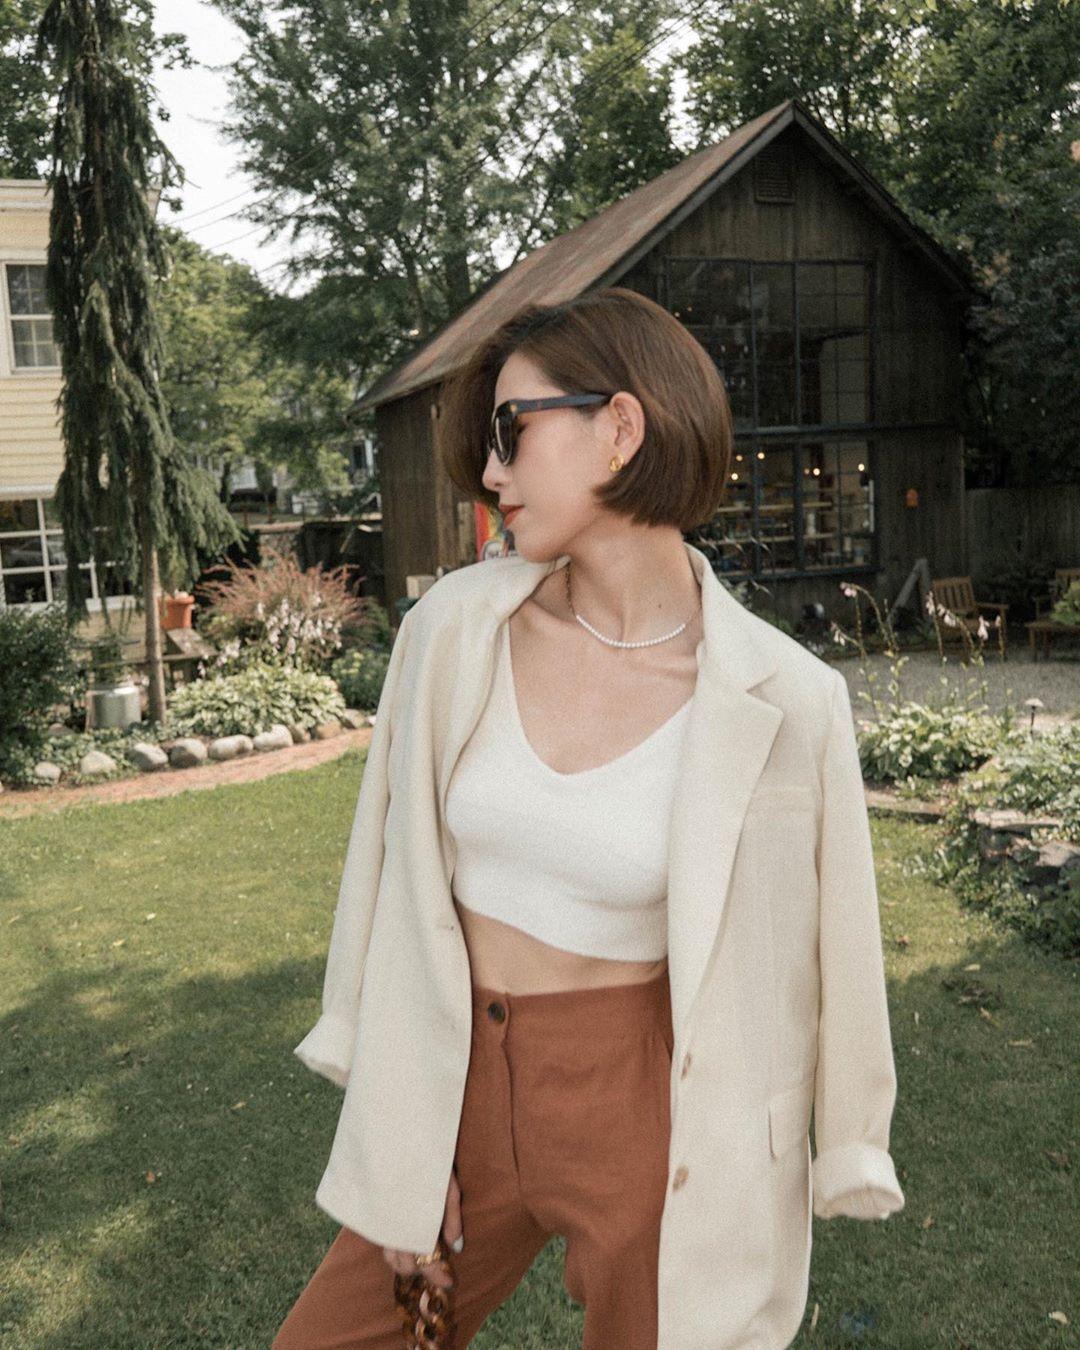 suggyl mặc áo khoác blazer chất liệu vải linen phụ kiện dây chuyền ngọc trai